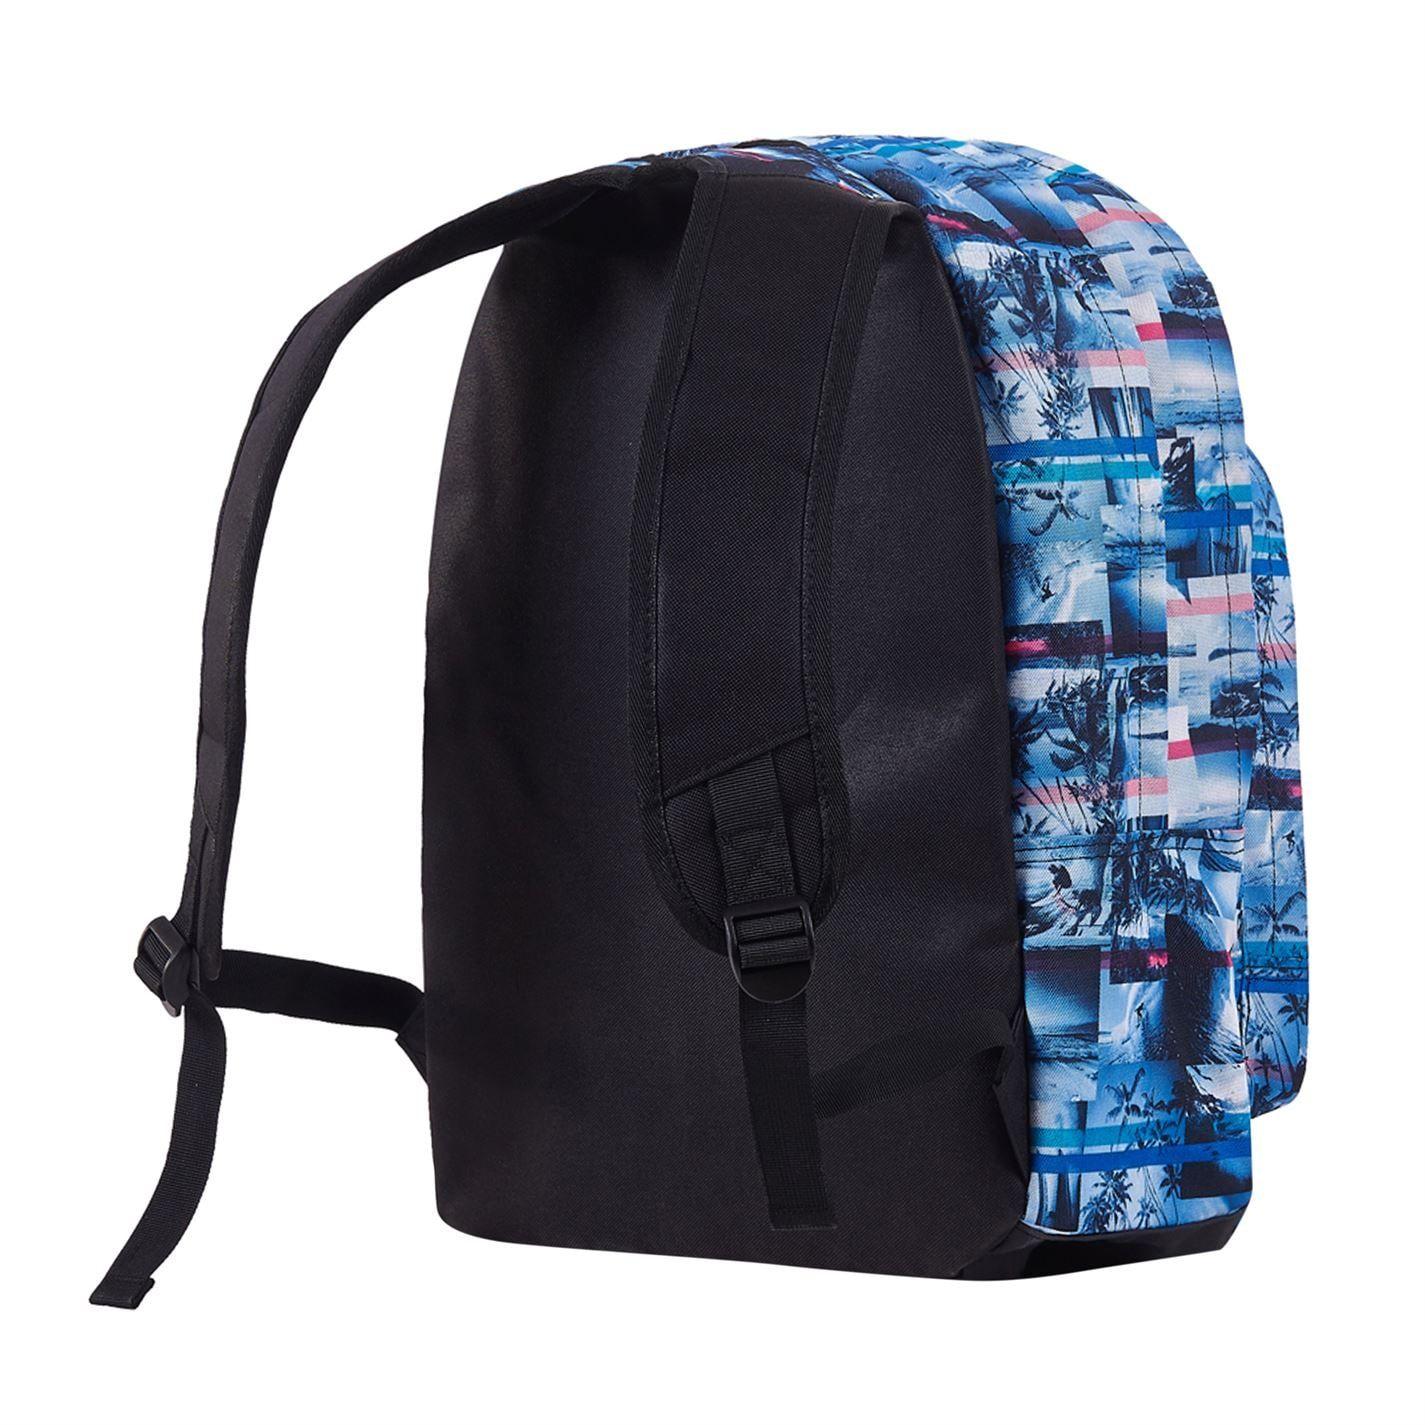 Hot Tuna Print Back Pack Travel Luggage Rucksack Casual Bag